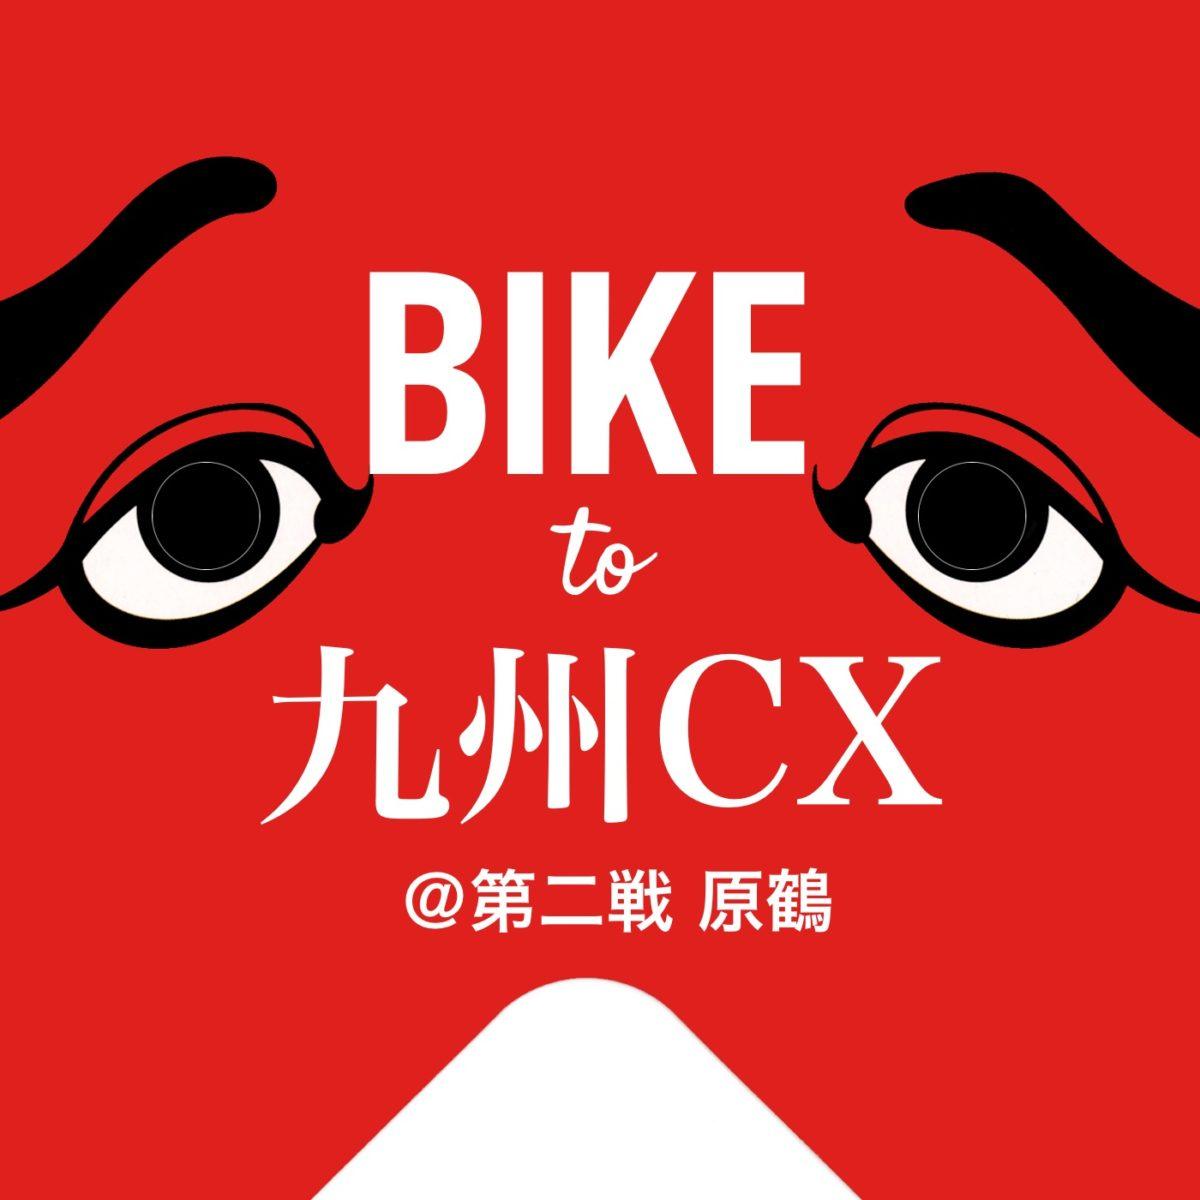 BIKE to 九州CX